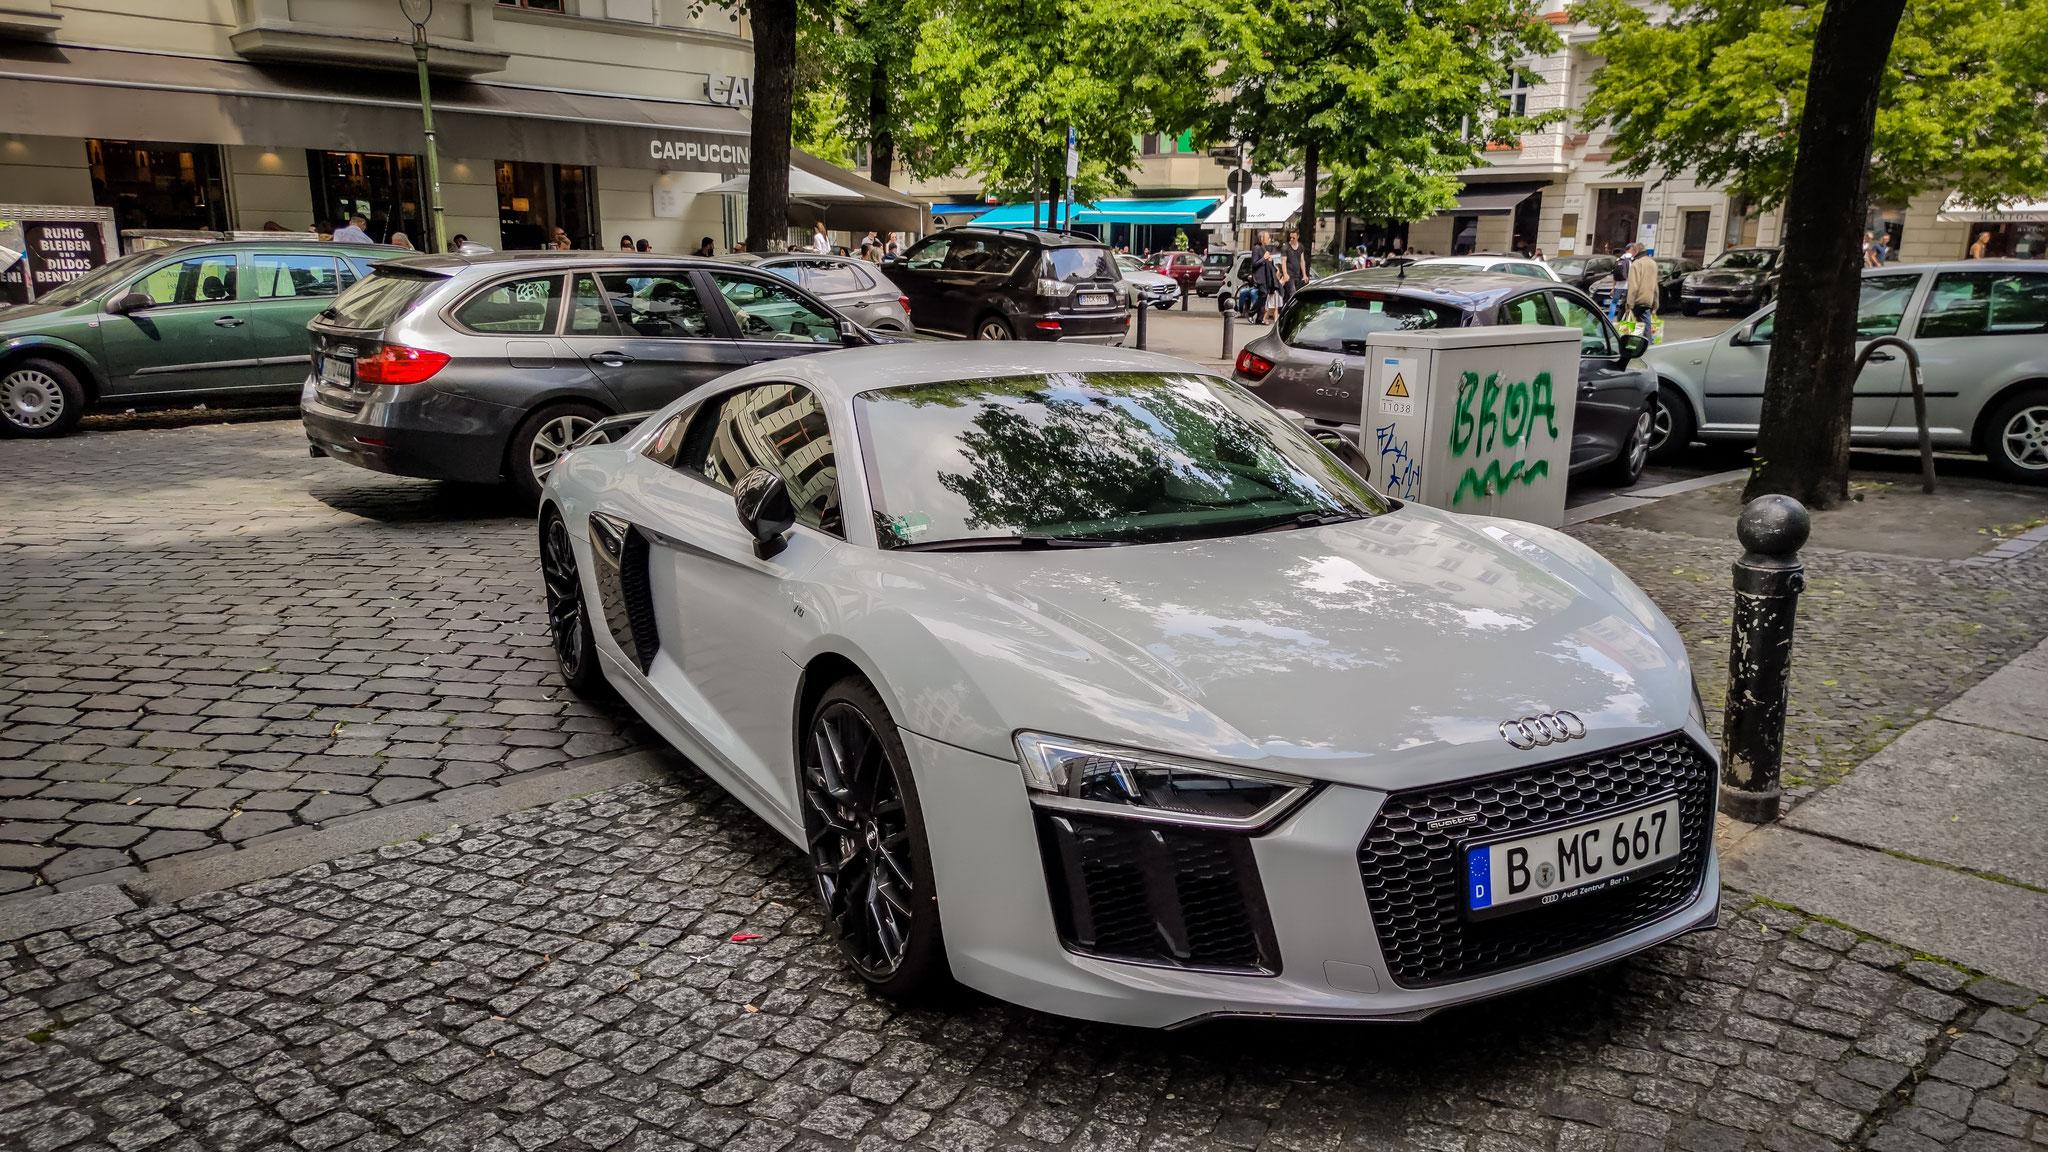 Audi R8 V10 - B-MC-667